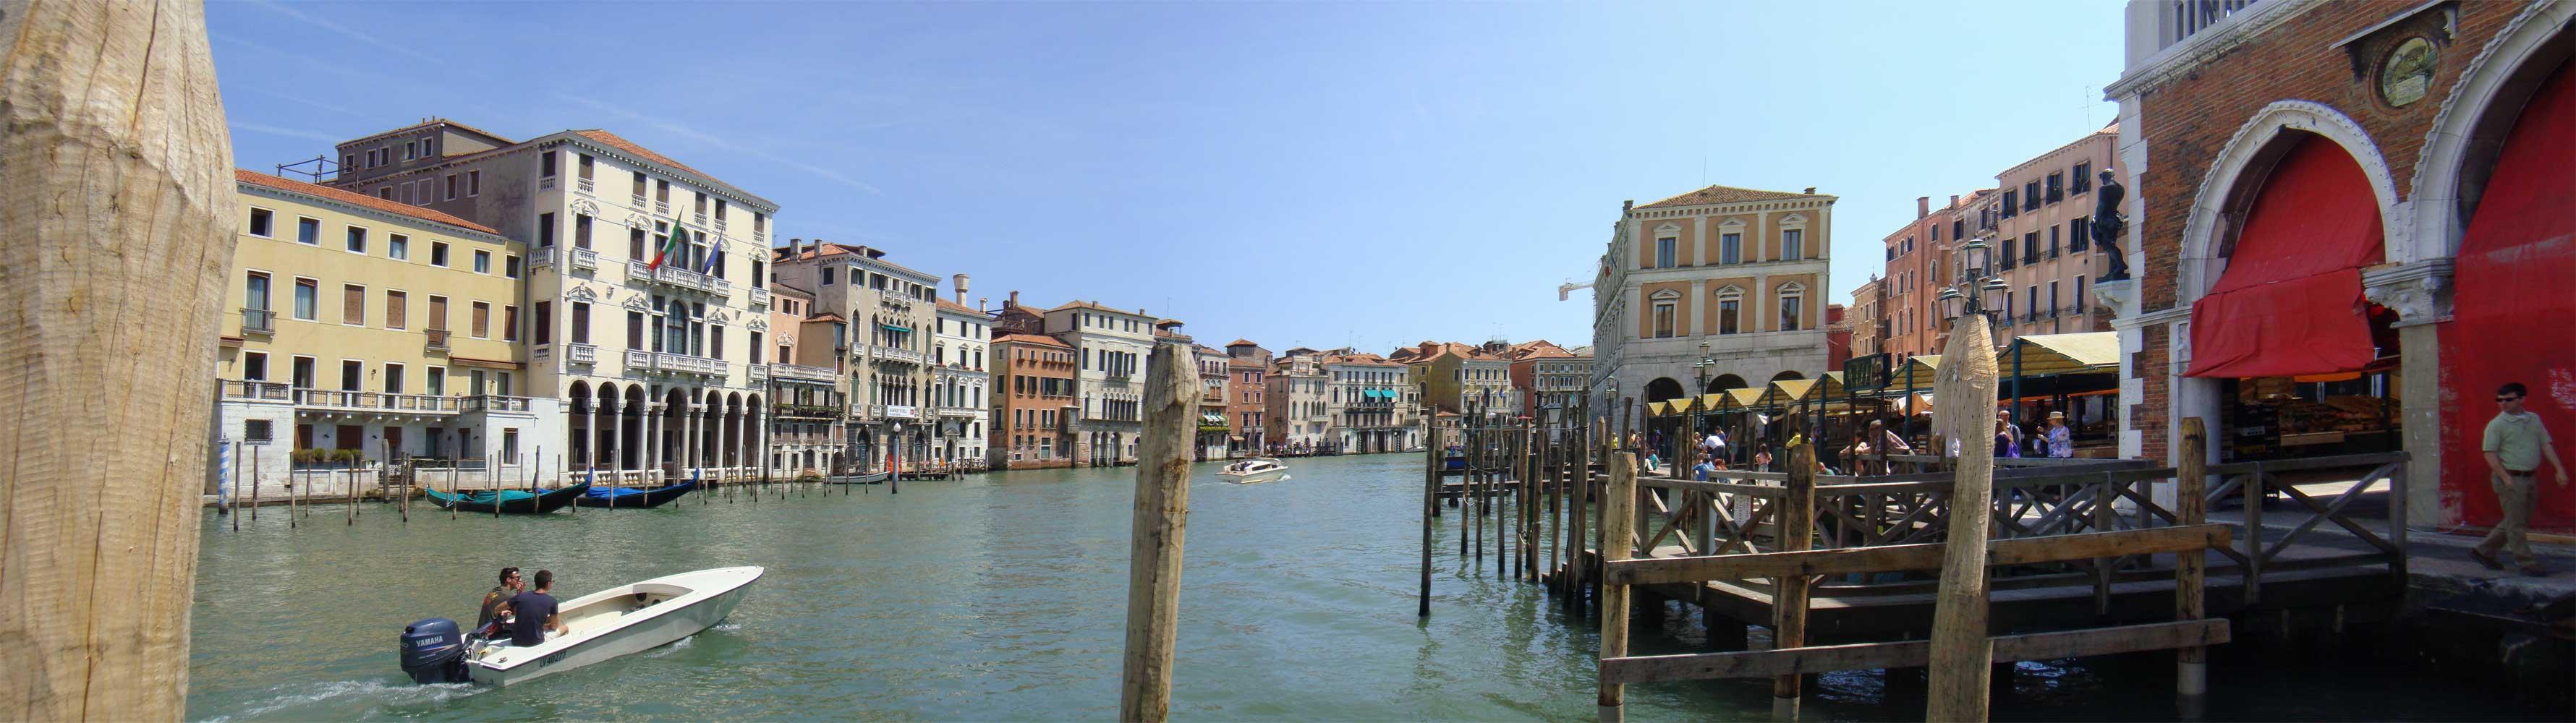 Venedig-Pan-2